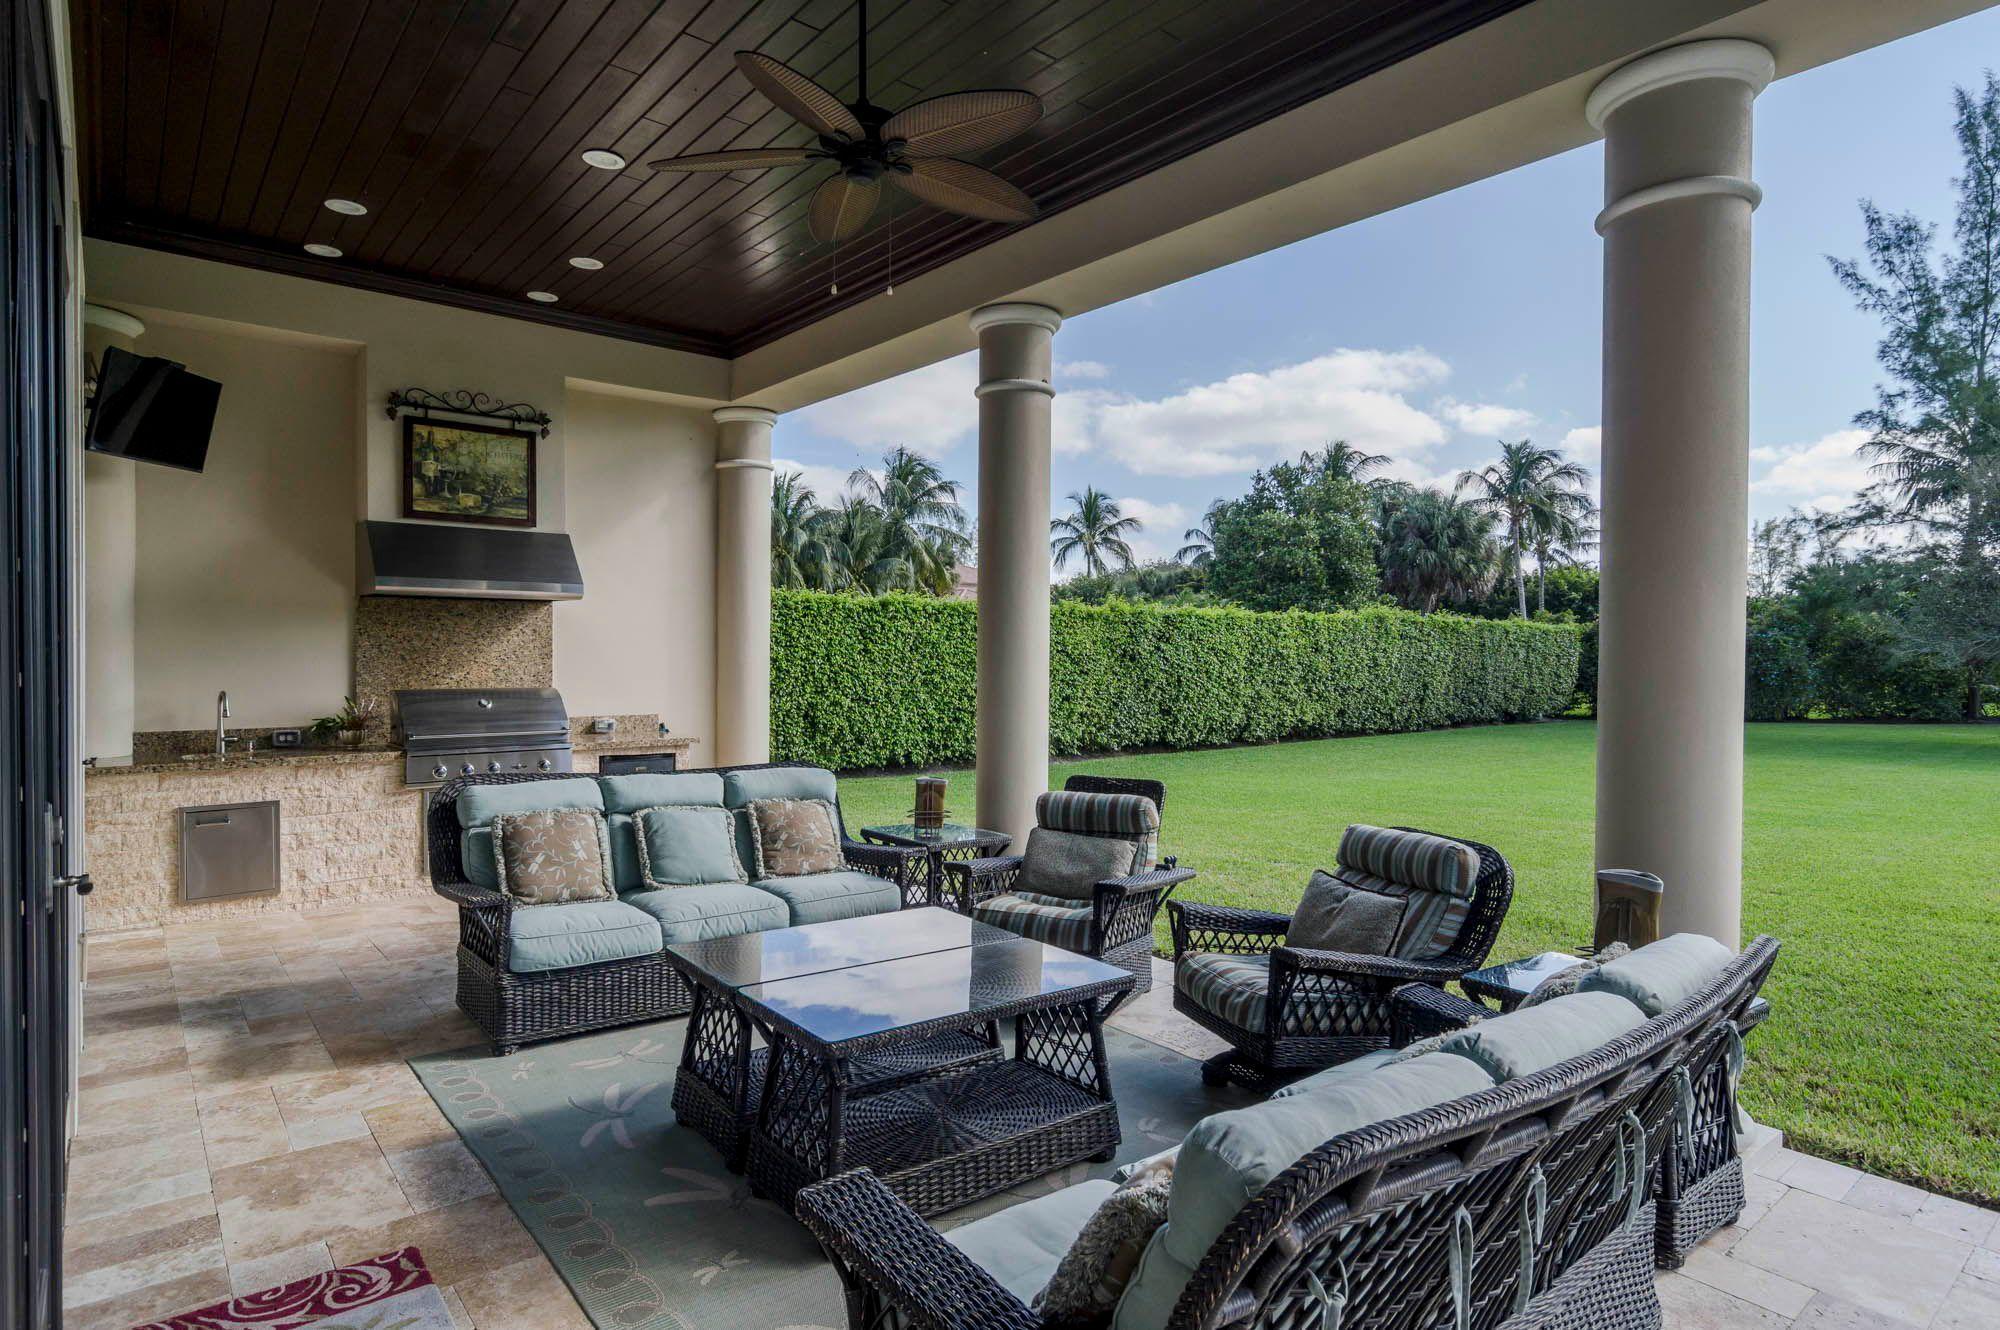 ccc48a4b4164b399ef71ea3d6f3e7057 - Consignment Furniture Palm Beach Gardens Fl